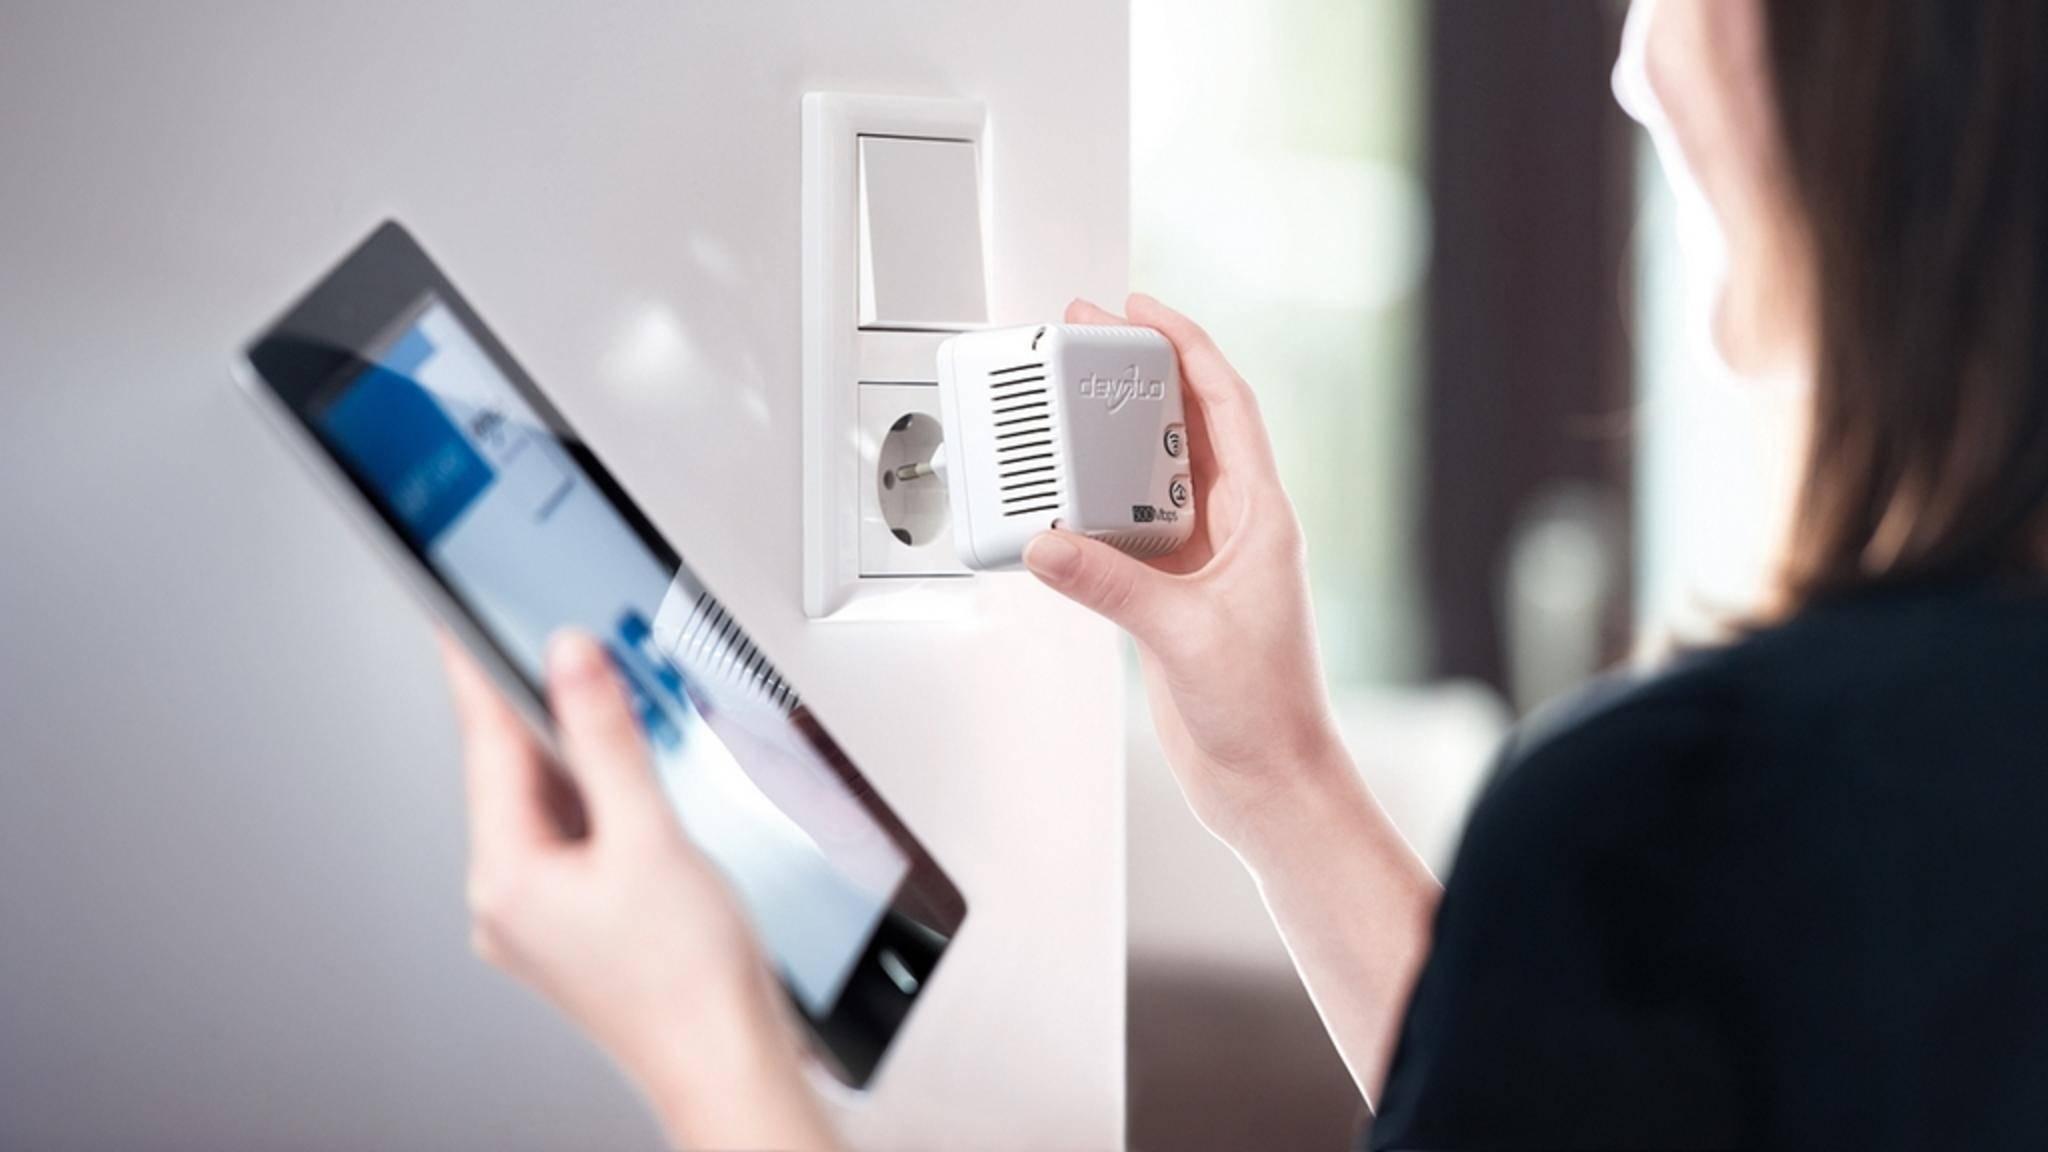 Devolo bietet vielseitige Smart-Home-Lösungen.